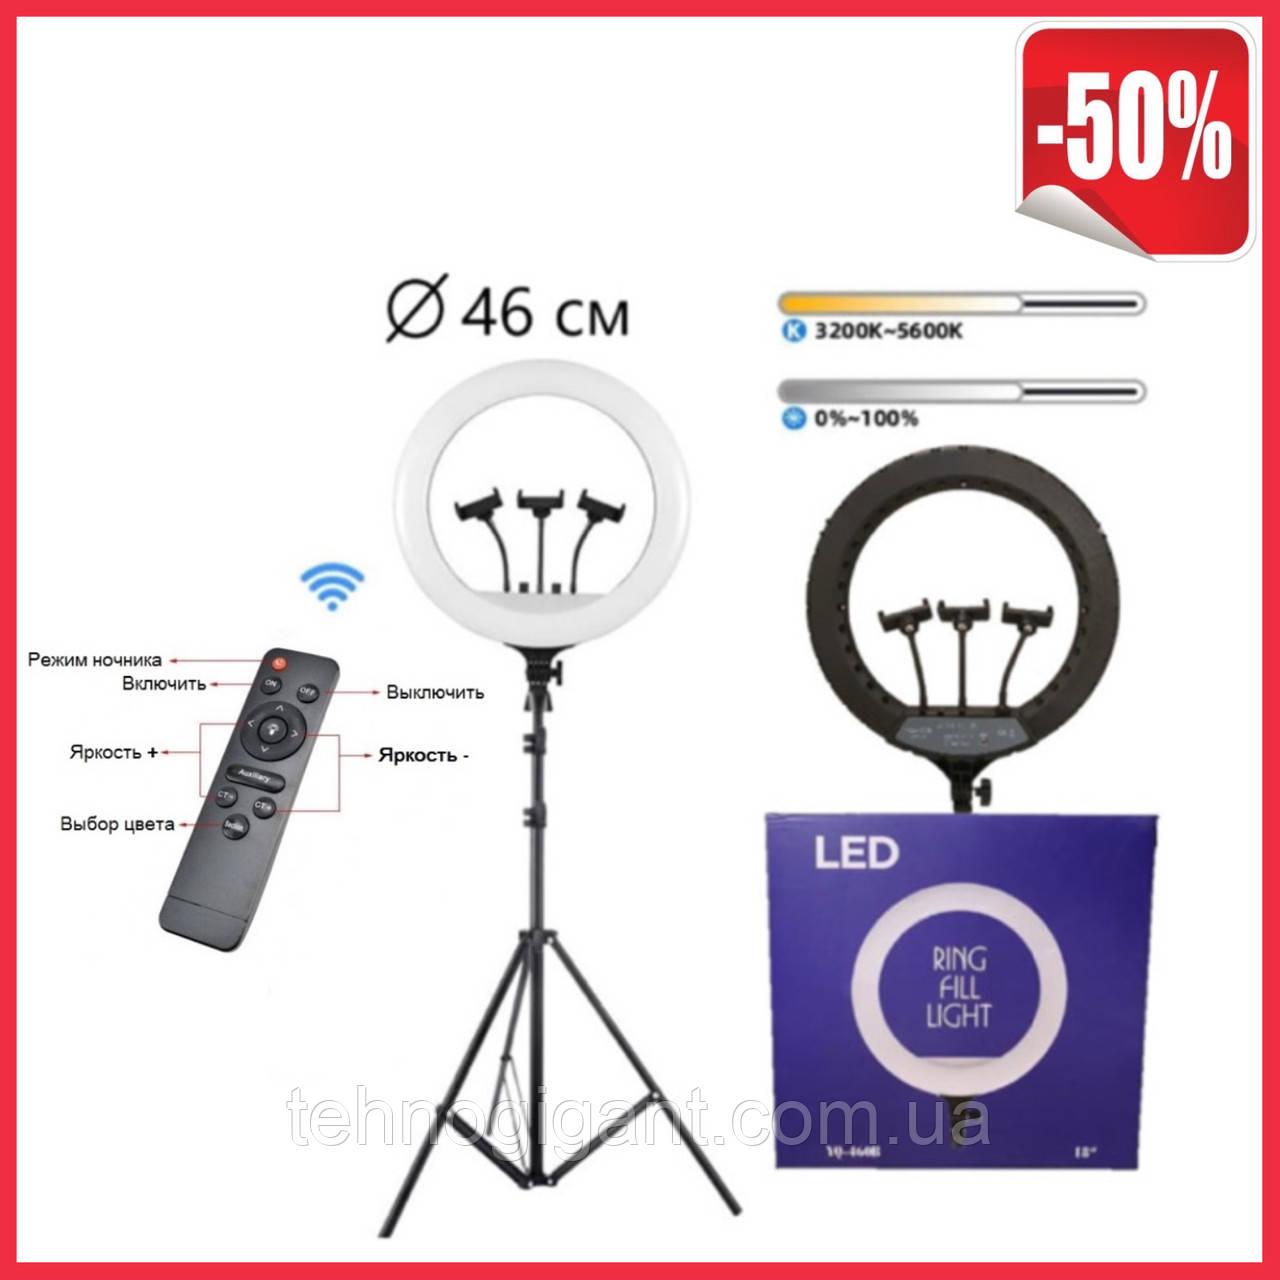 Кільцева led лампа діаметром 45см з пультом і 3 держателями зі штативом LED-YQ-460B ( 45W 416 LED 6000LM )